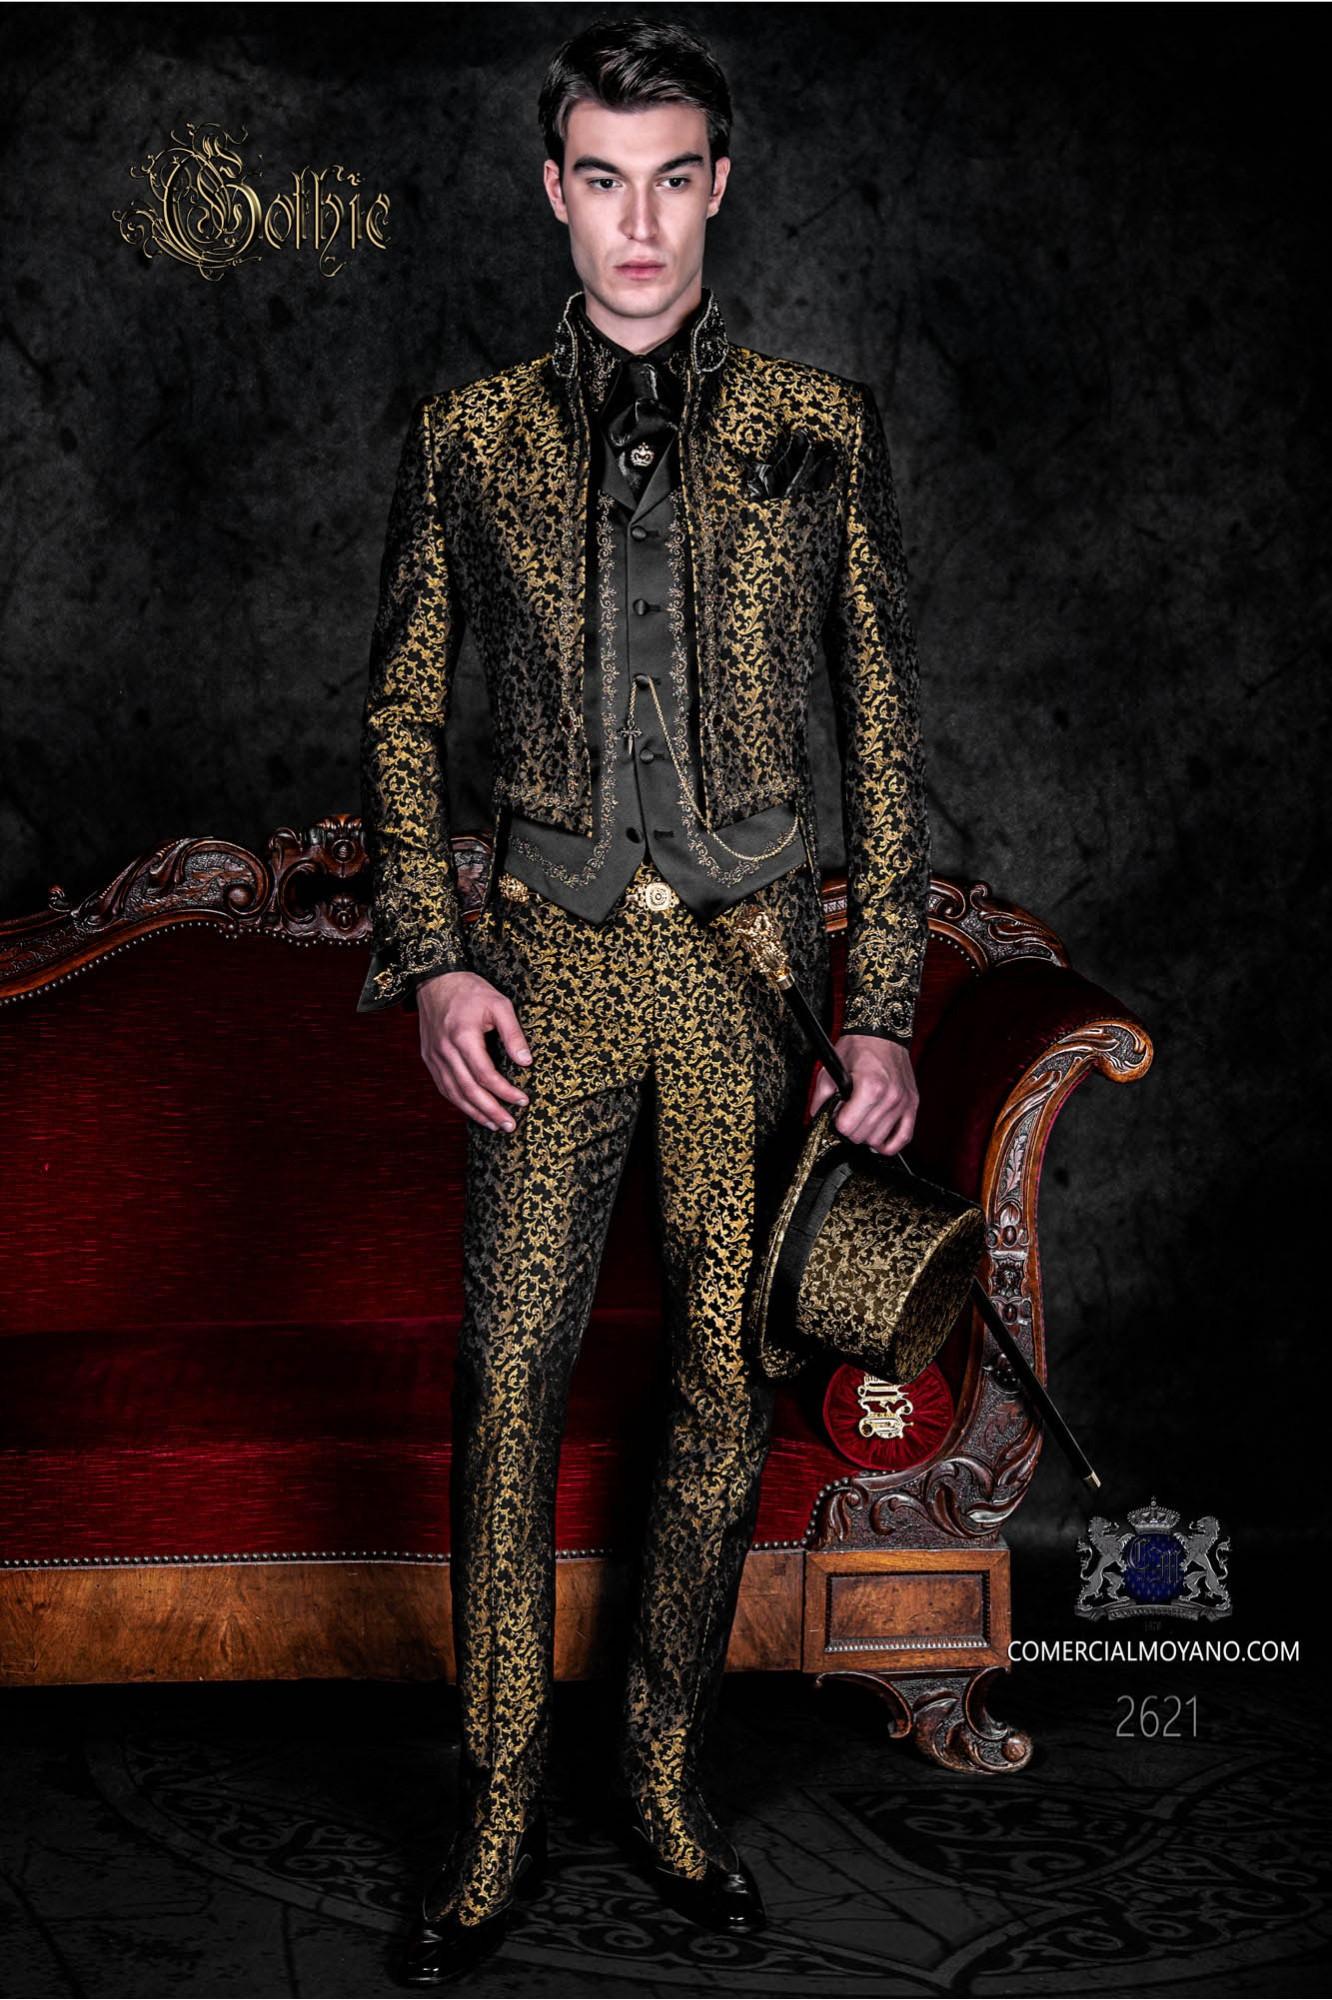 Traje de novio barroco, frac cuello mao en tejido jacquard dorado y negro con bordados dorados y pedrería cristal en cuello